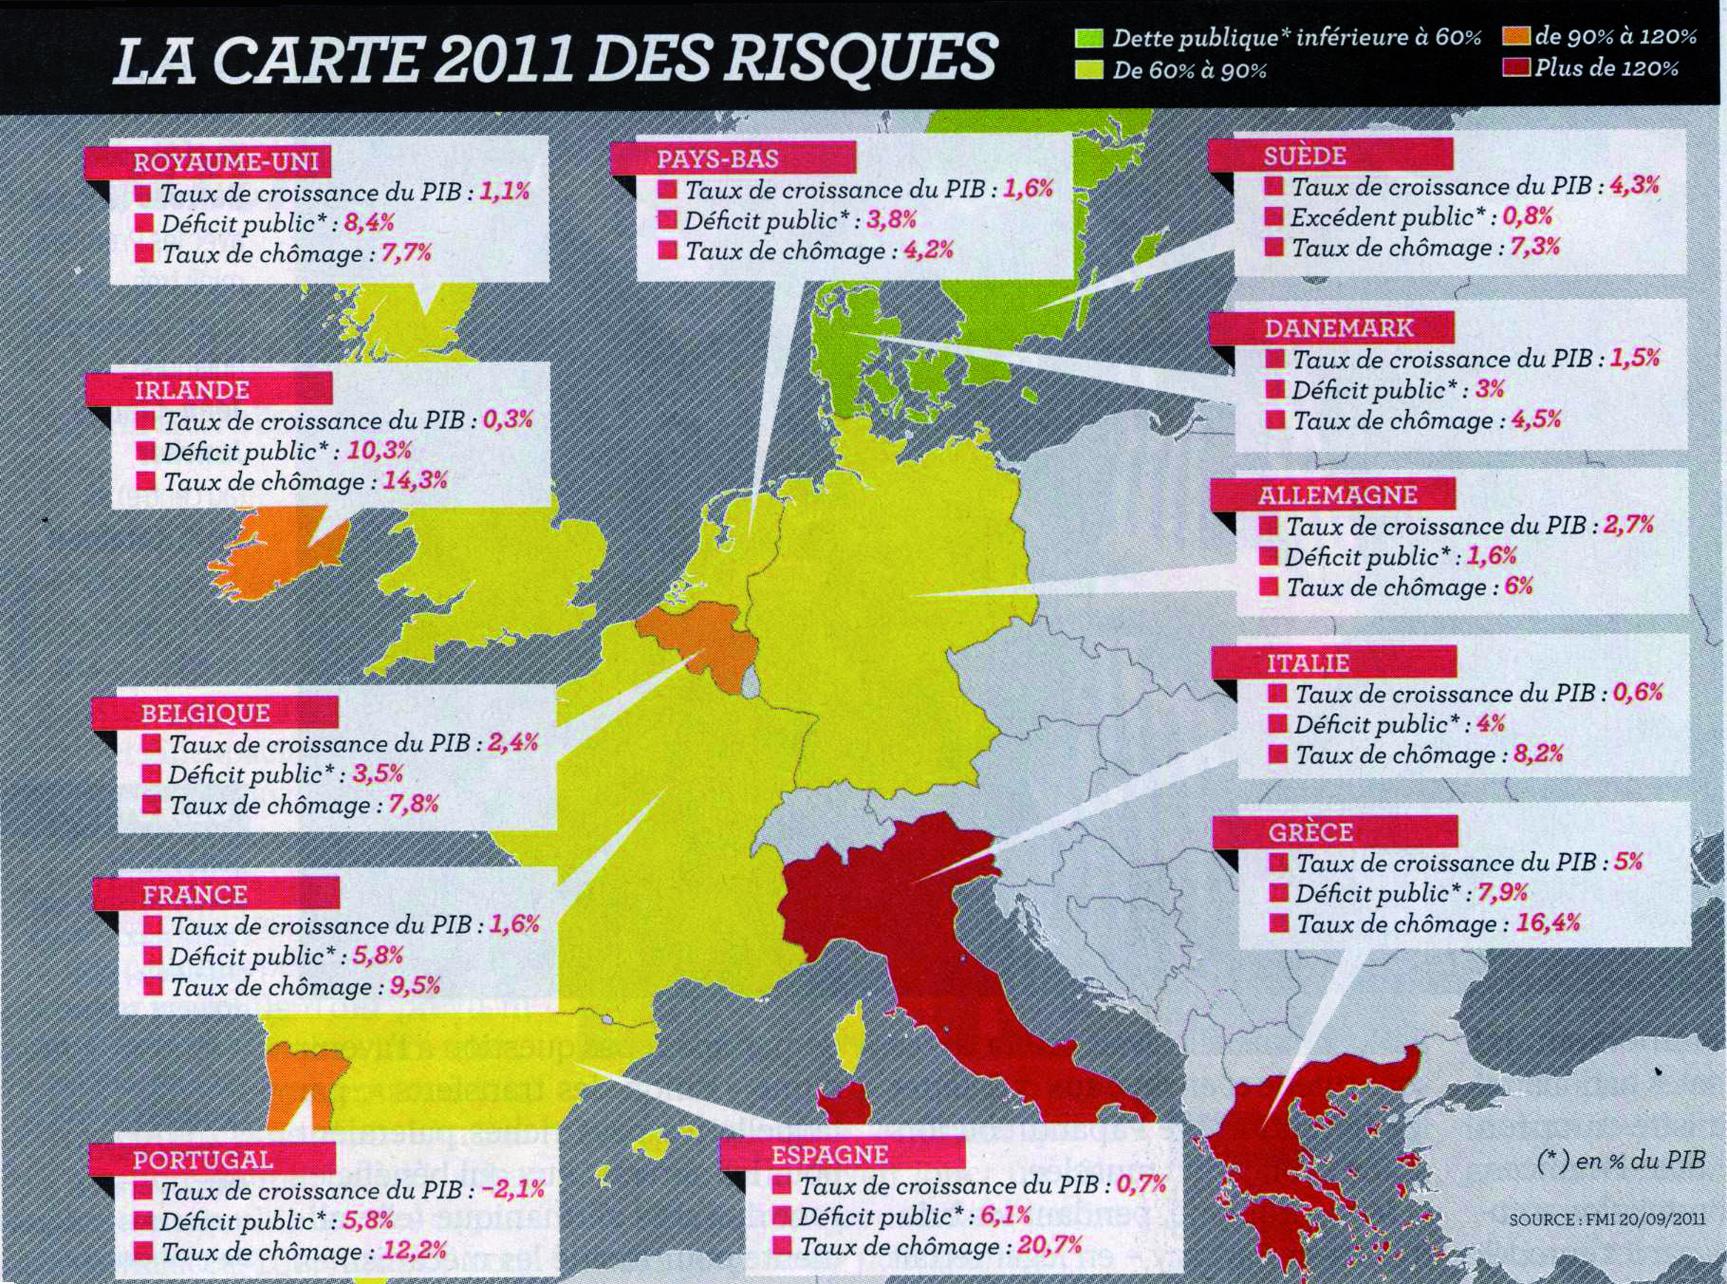 La «Crise» Dans L'union Européenne Vue Par Les Cartes encequiconcerne Carte De L Union Europeenne